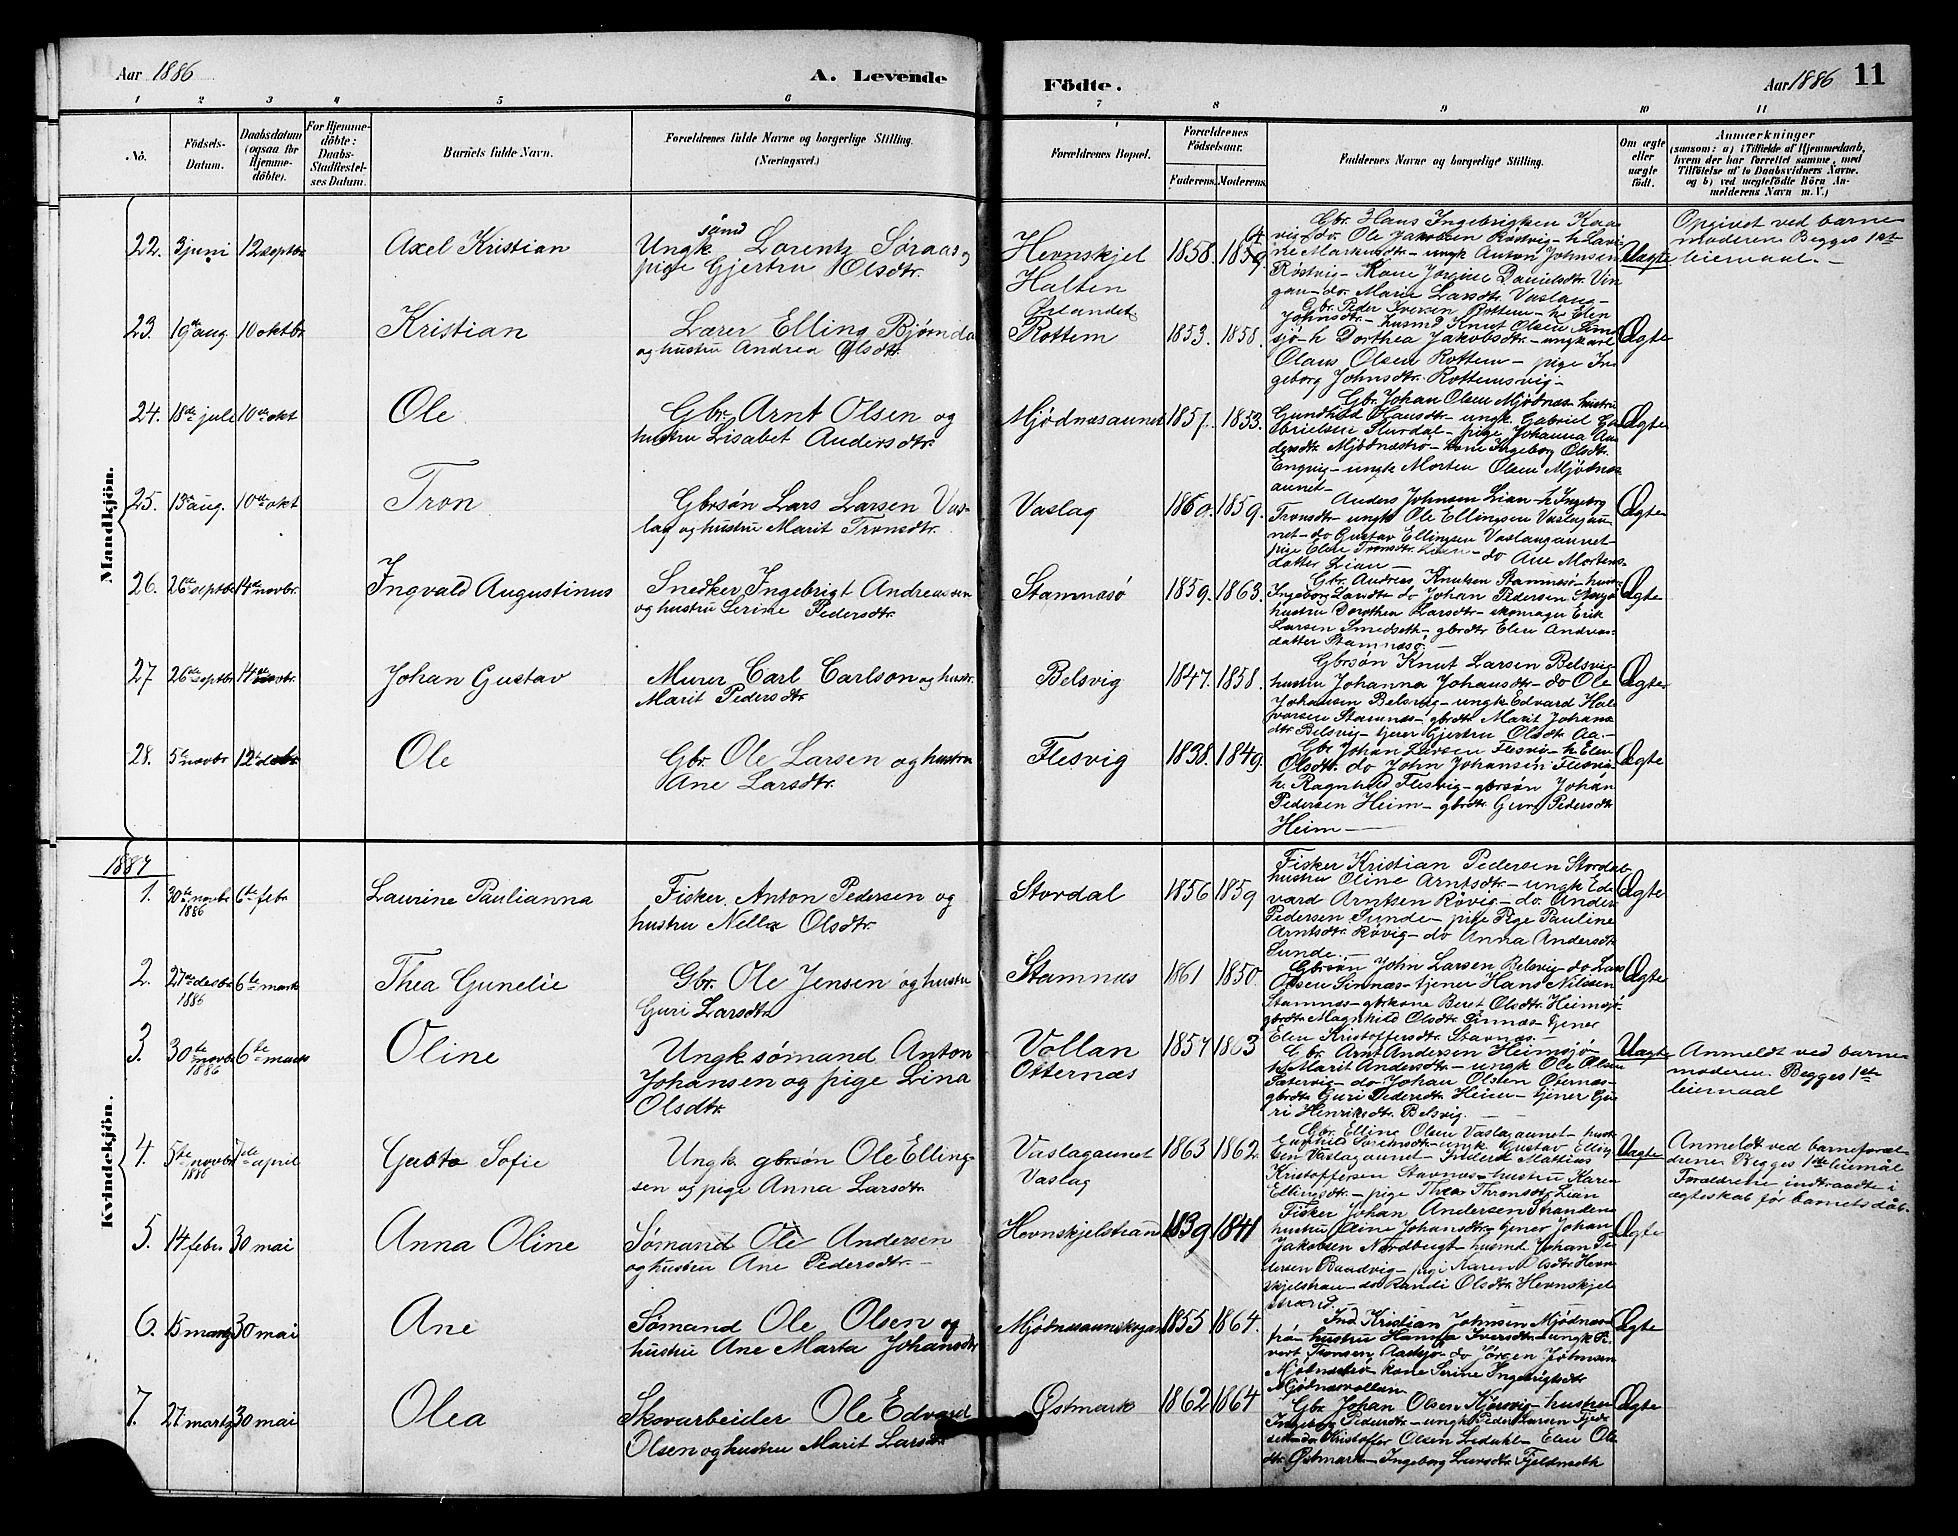 SAT, Ministerialprotokoller, klokkerbøker og fødselsregistre - Sør-Trøndelag, 633/L0519: Klokkerbok nr. 633C01, 1884-1905, s. 11